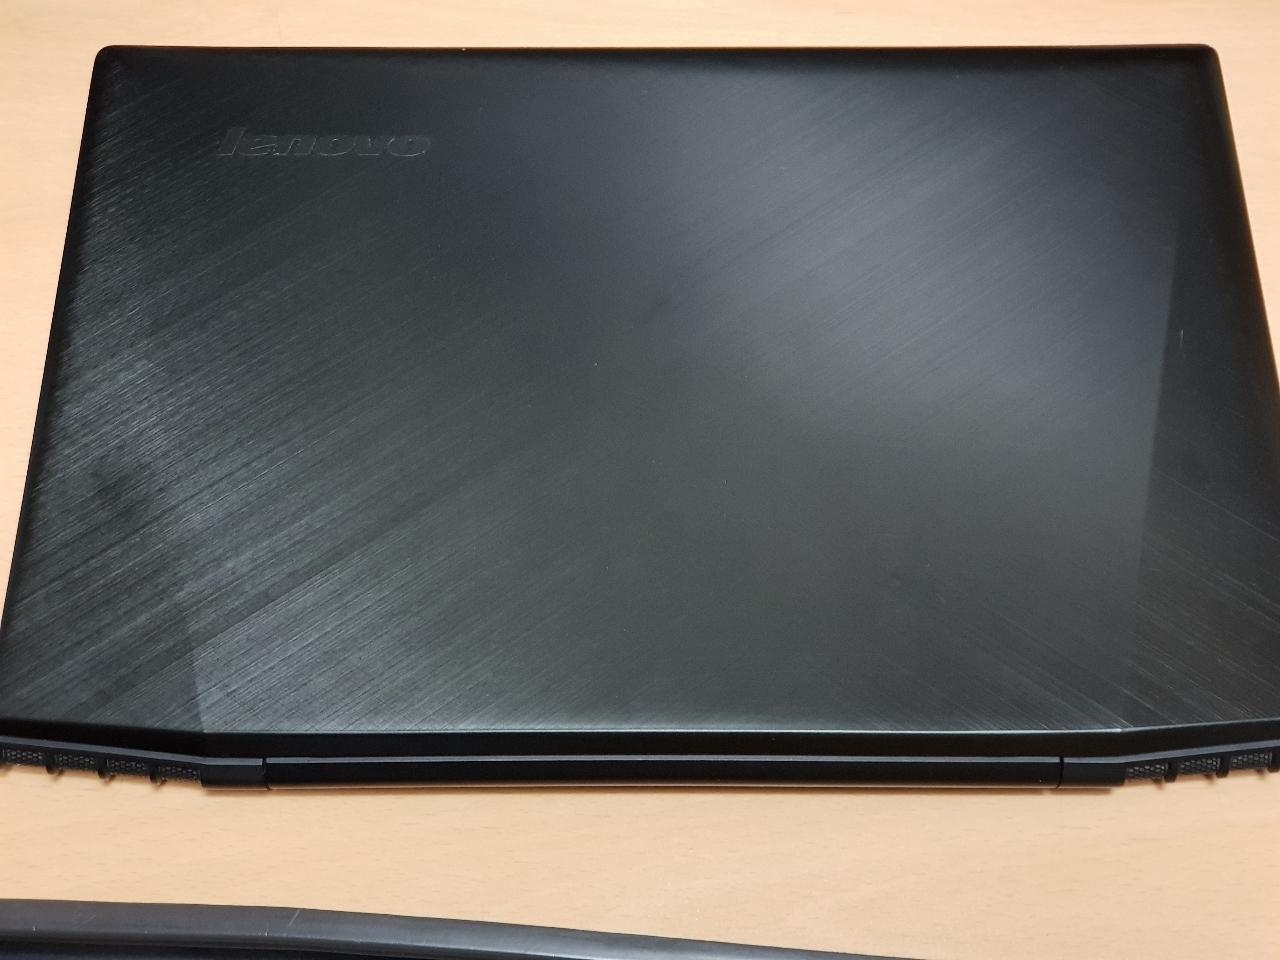 배그전용 i7게이밍노트북 GTX860m 레노버 Y50-70  풀버전팝니다.